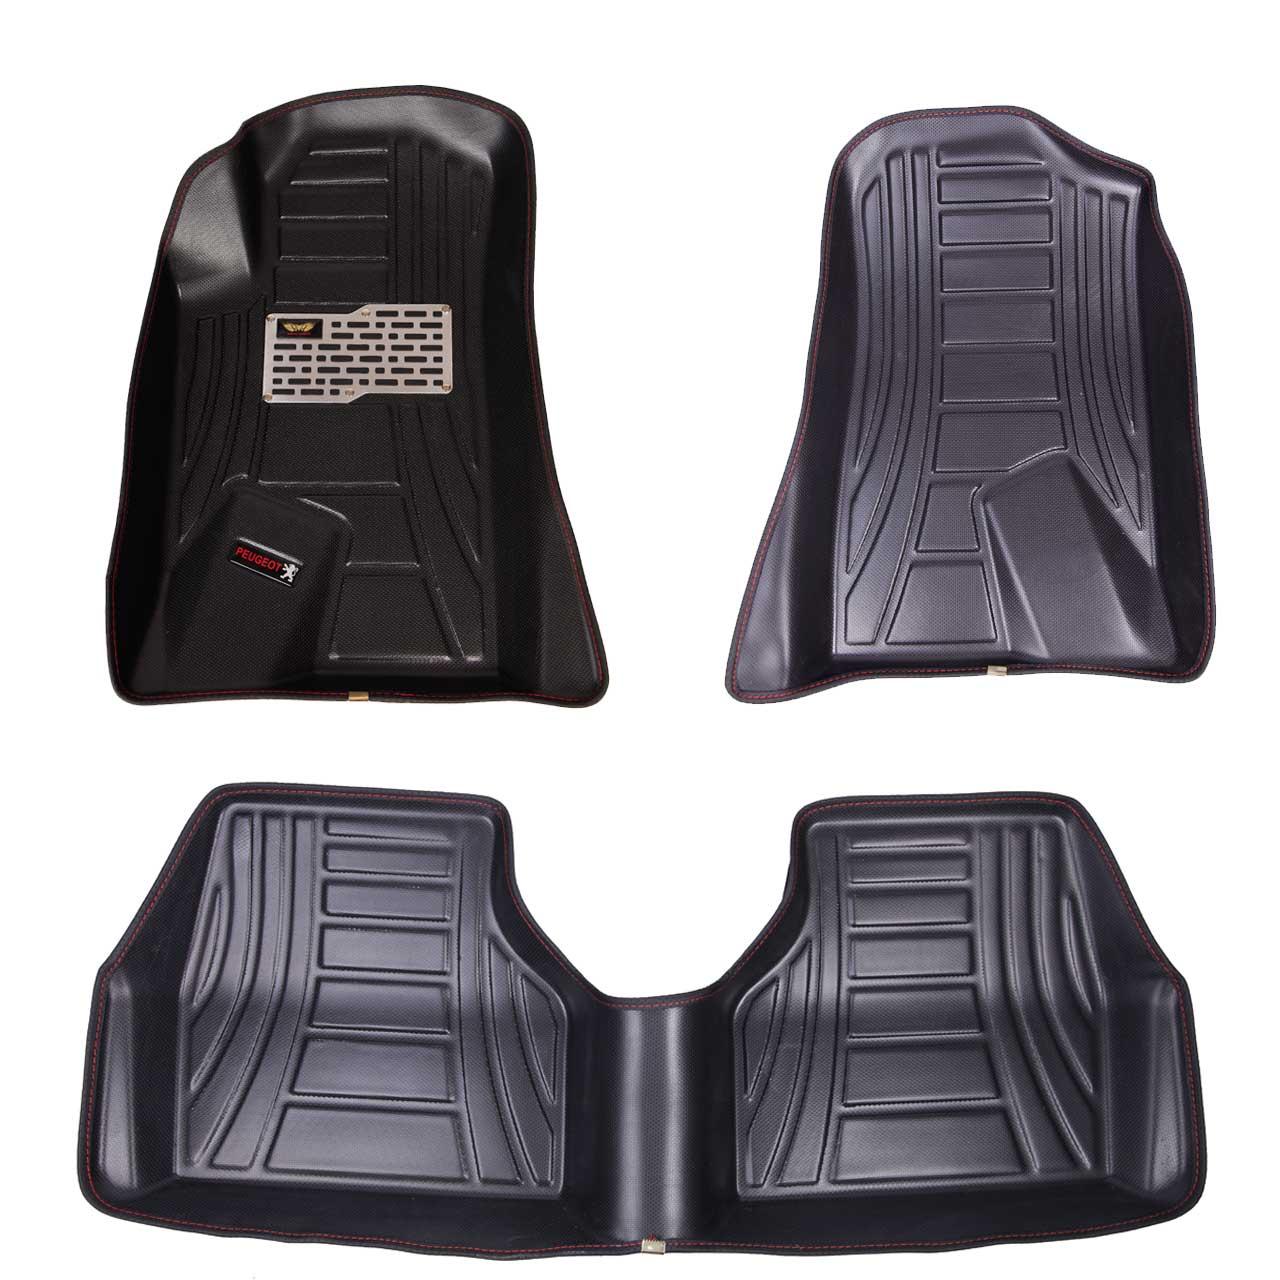 کفپوش سه بعدی خودرو ماهوت مدل اکو مناسب برای پژو405-پارس- سمند- دنا